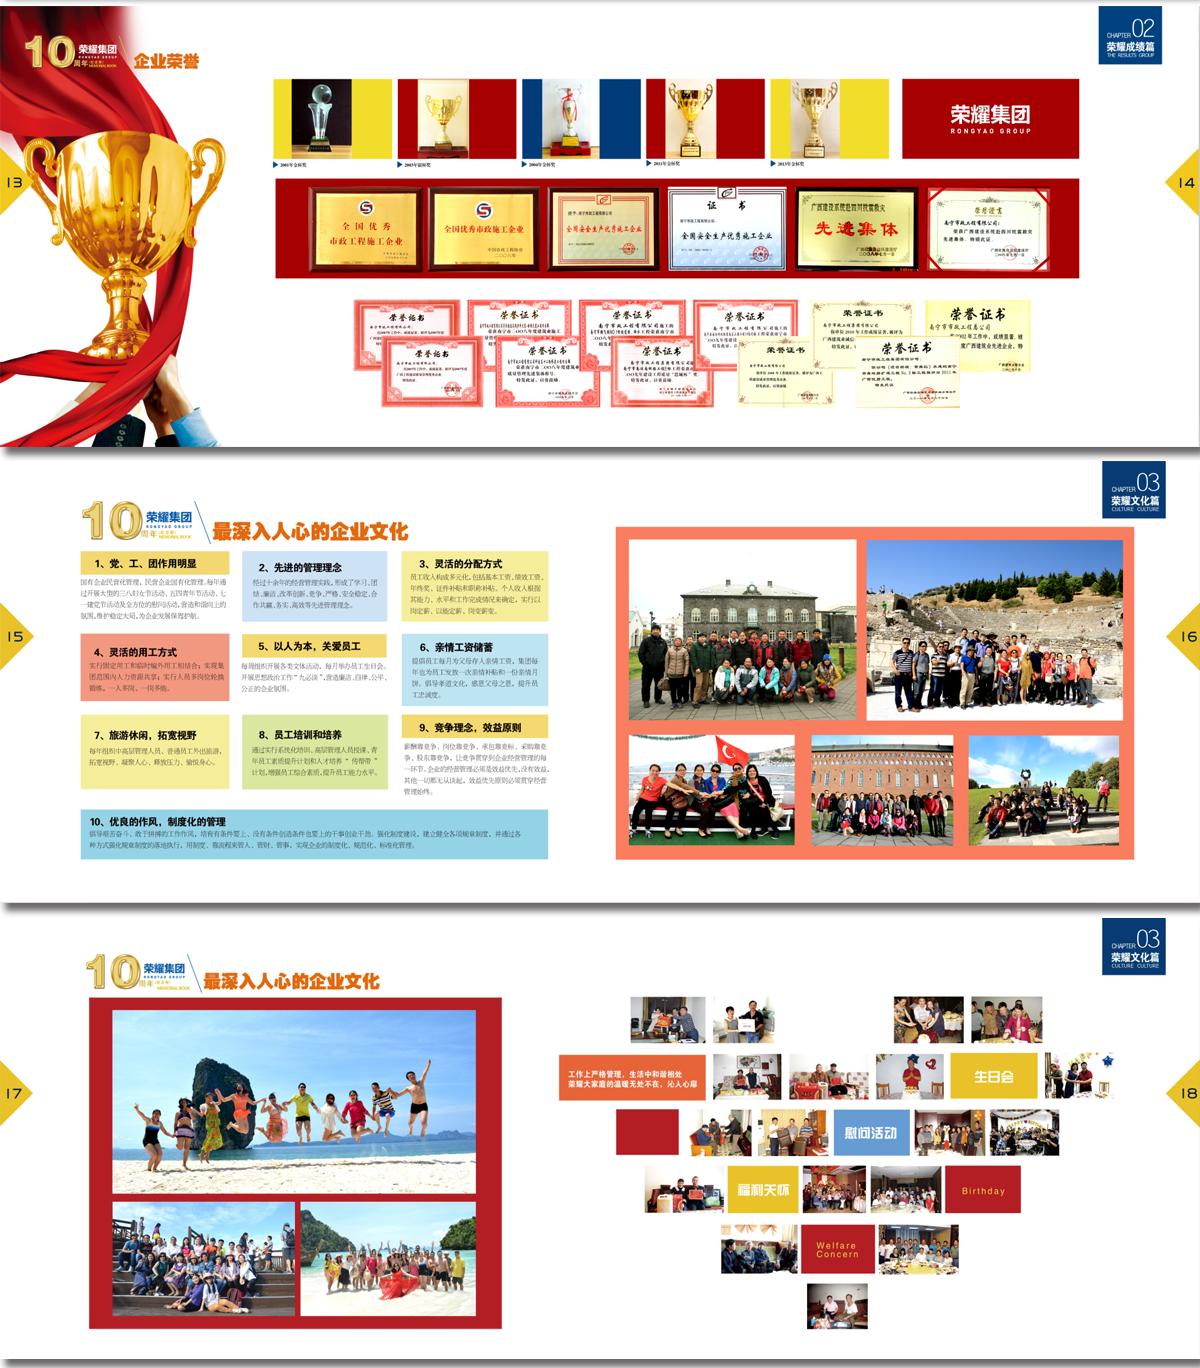 芭乐app官方二维码下载荣耀集团十周年纪念画册设计印刷_03.png